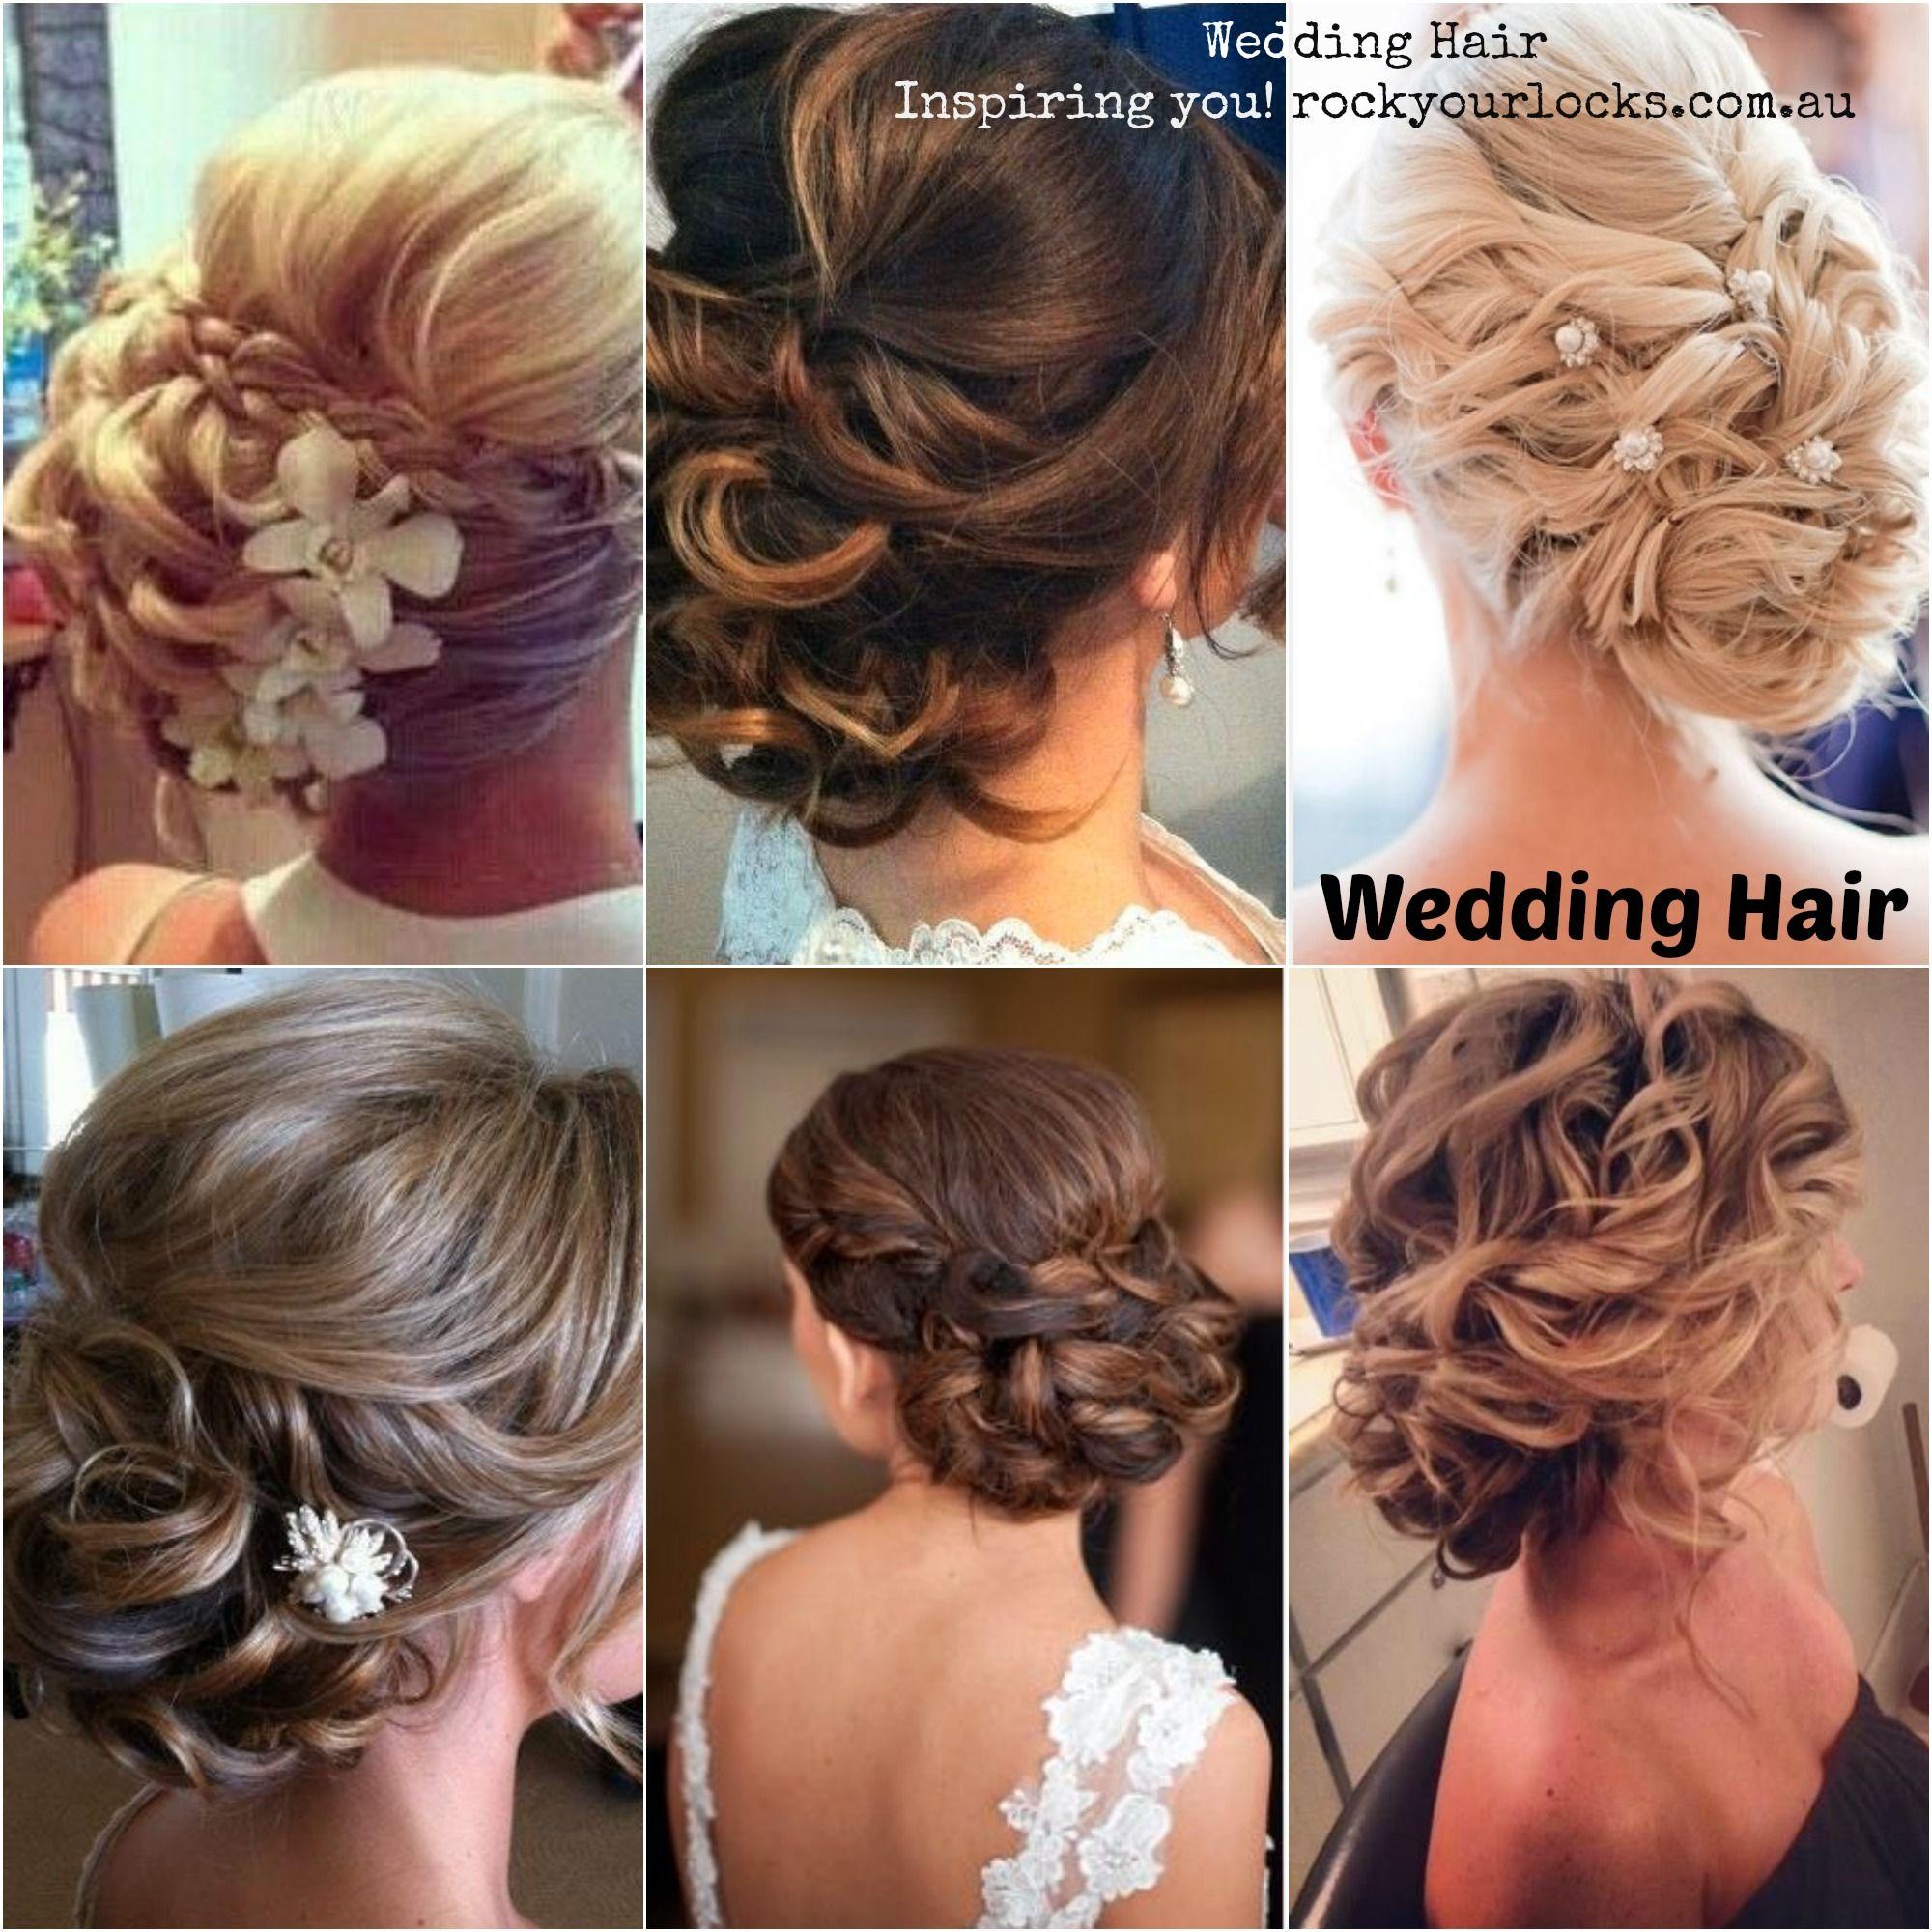 Wedding Hair - All Up | Wedding Bells | Pinterest